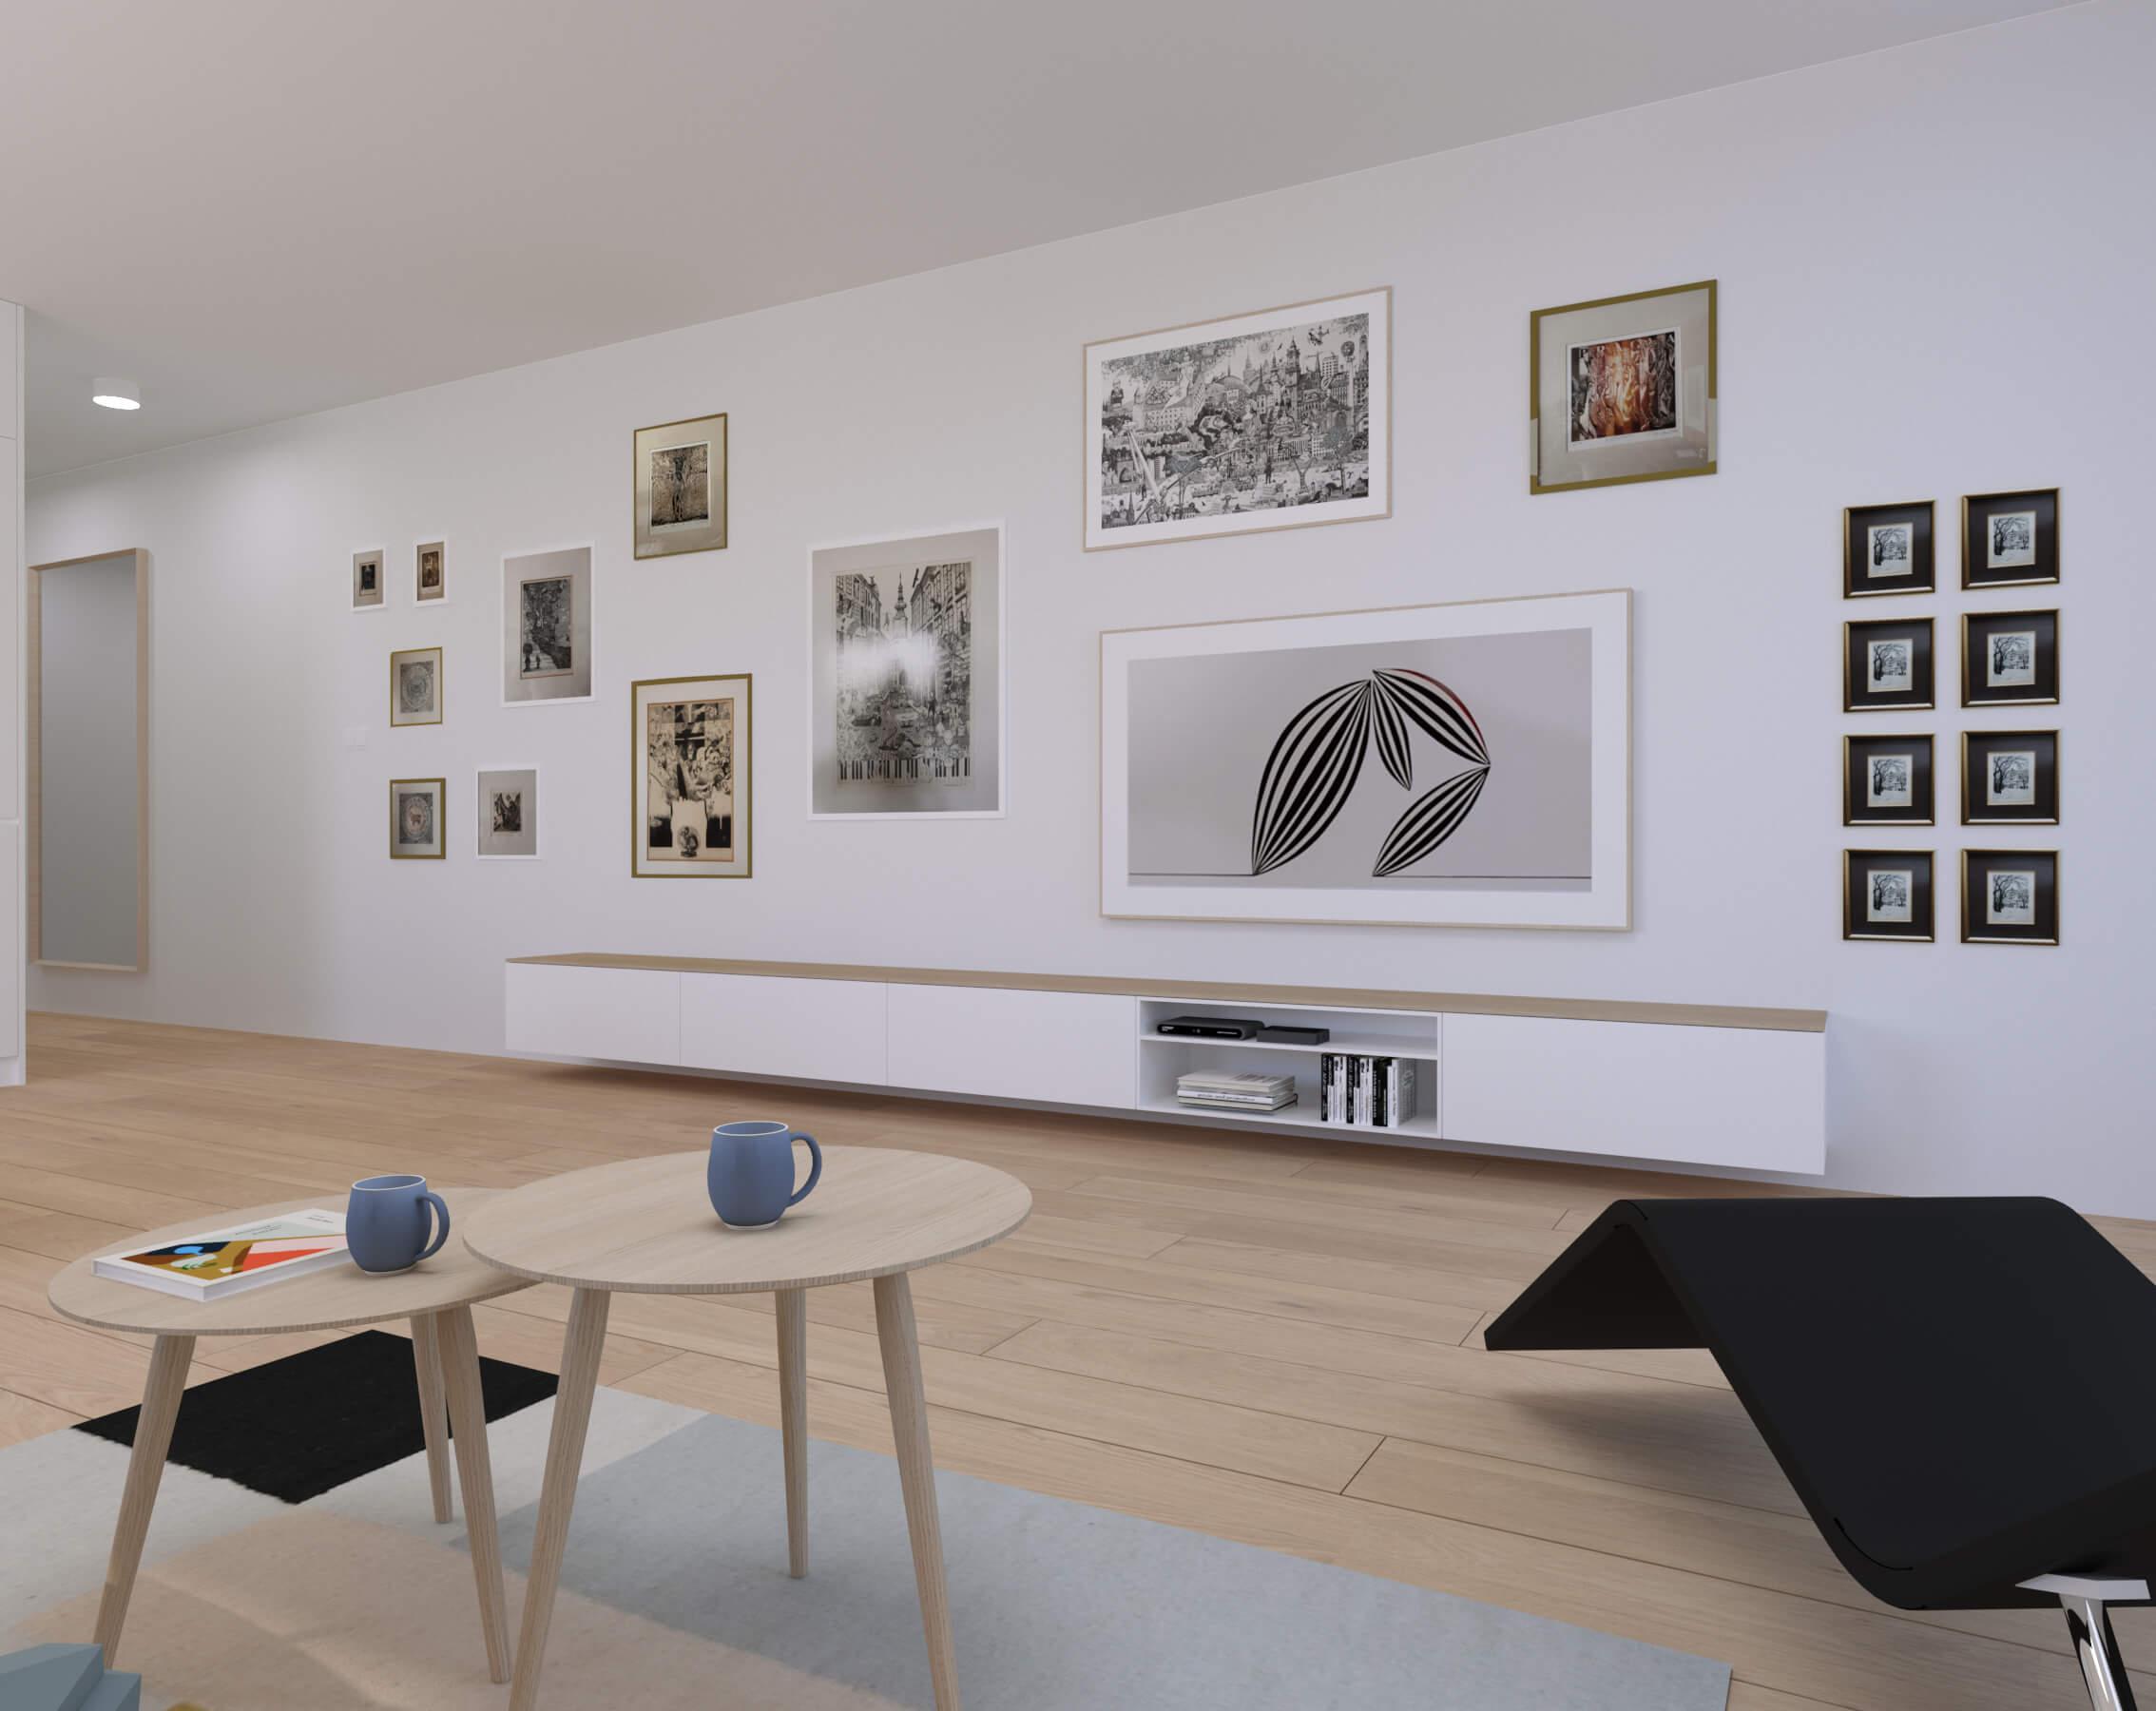 interierovy dizajn obývačka - projekt, vizualizácia, bratislava